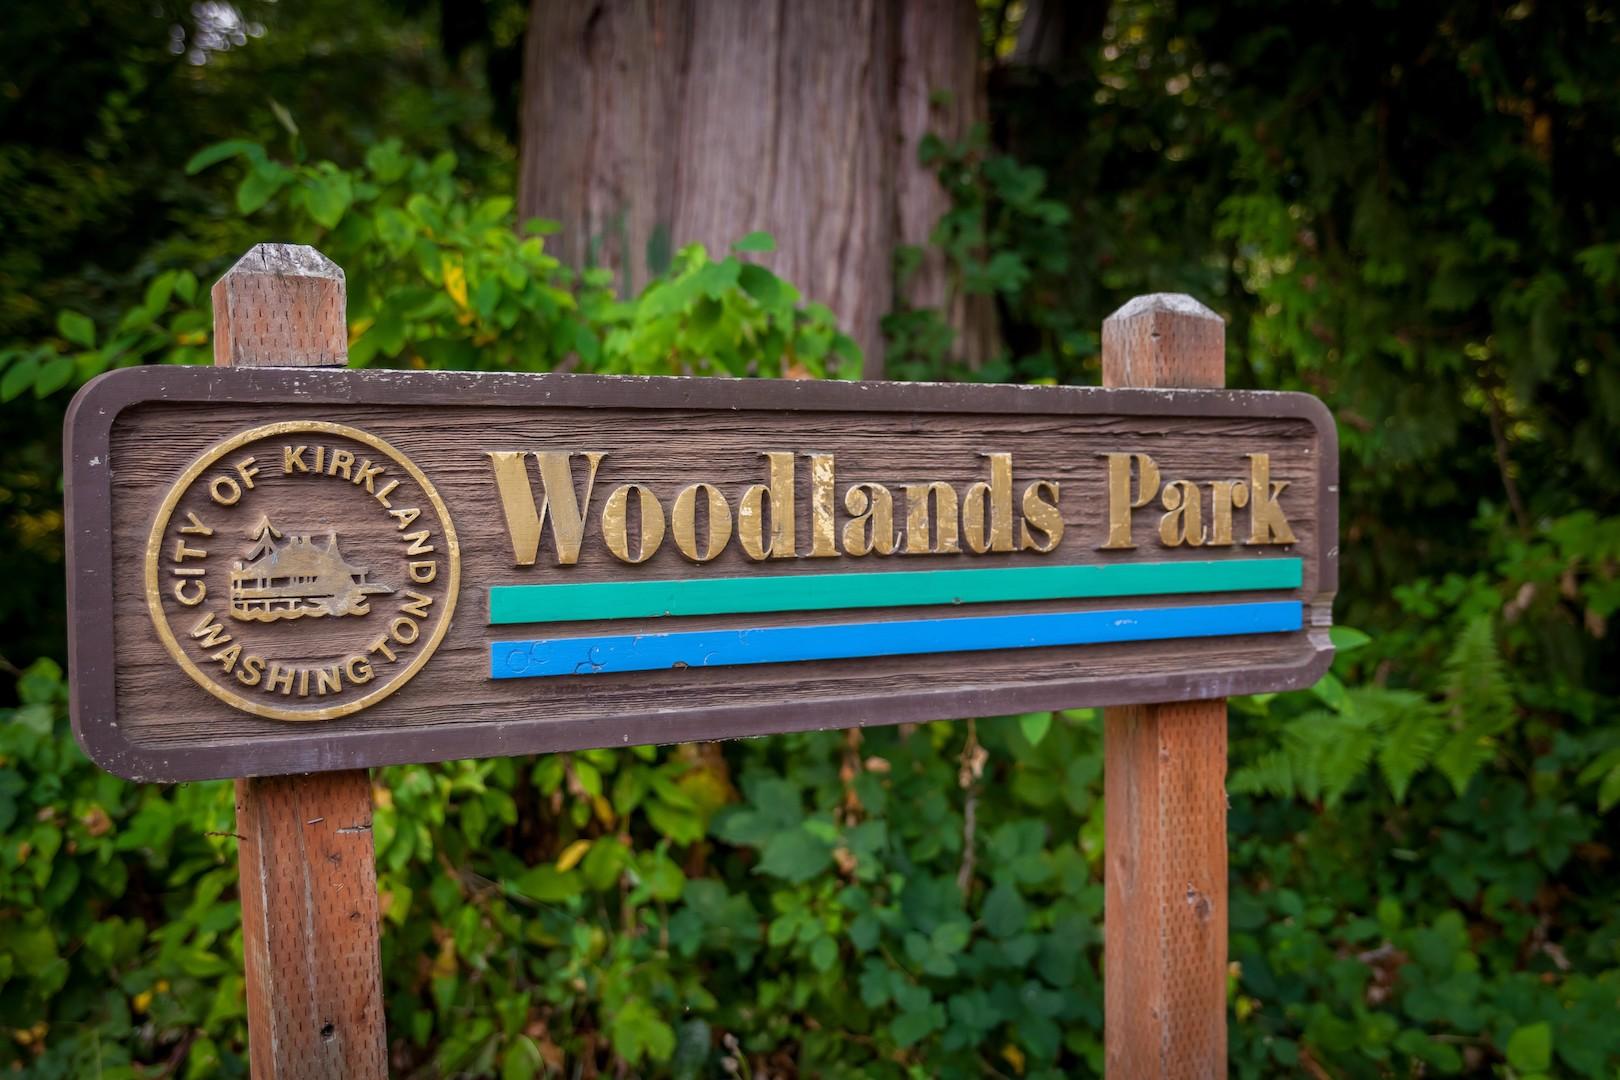 WoodlandsPark.jpg